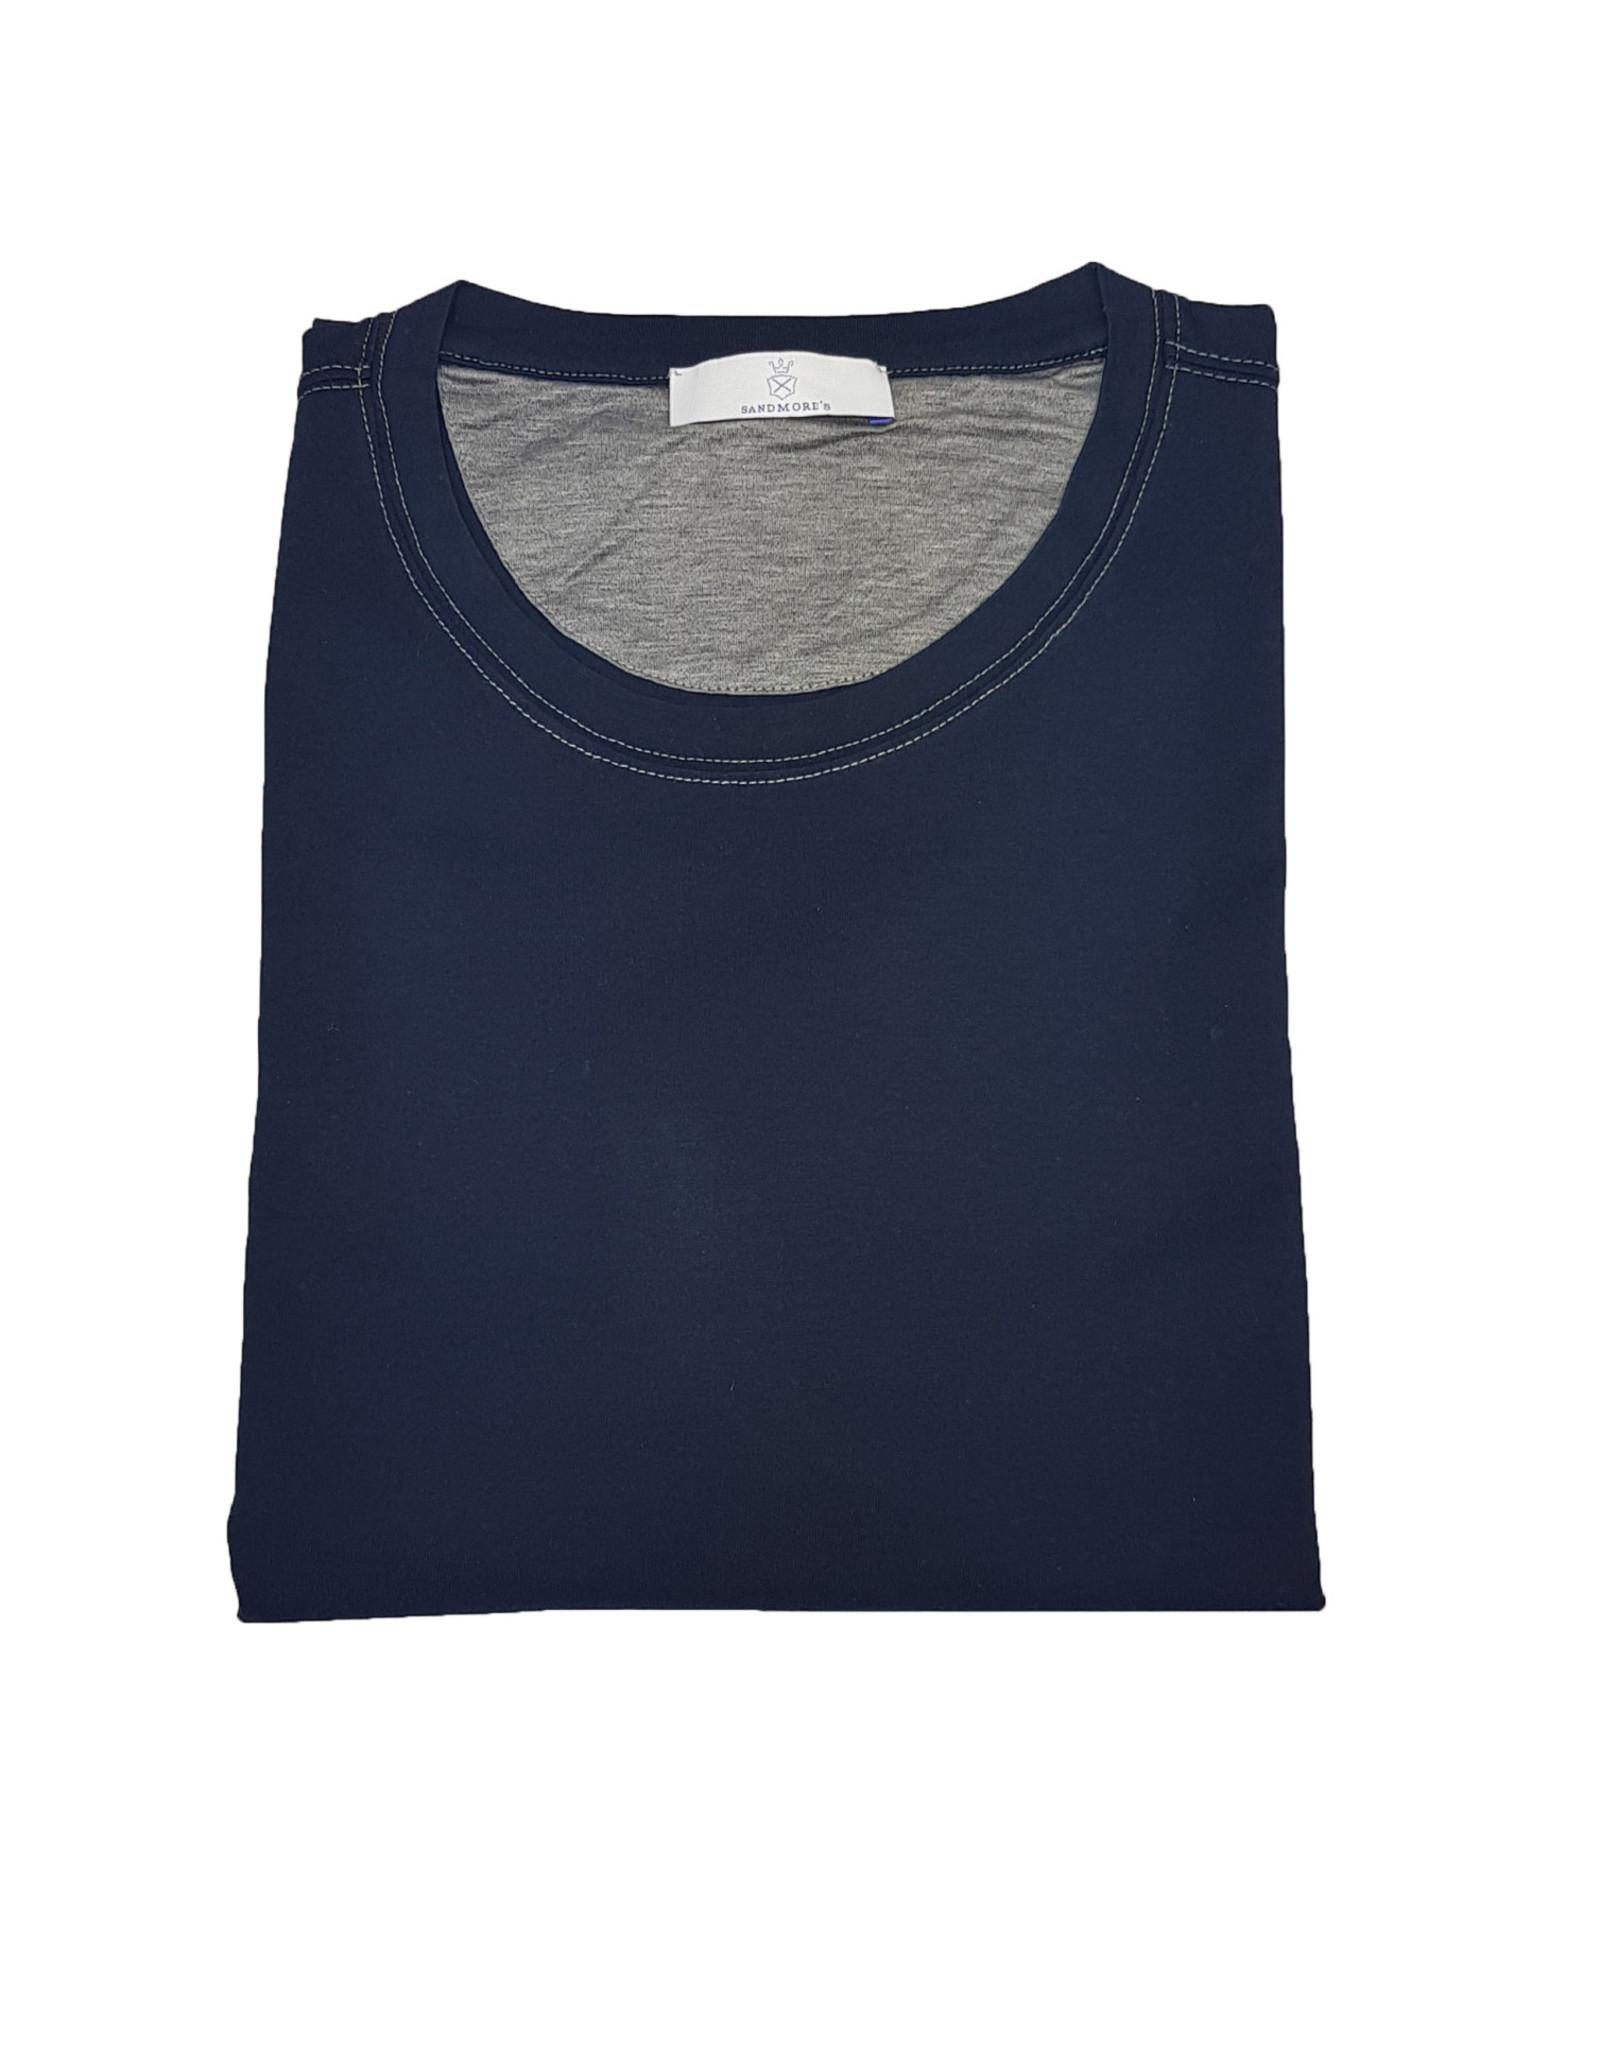 Gran Sasso Sandmore's t-shirt marine 73727/590 M:60138